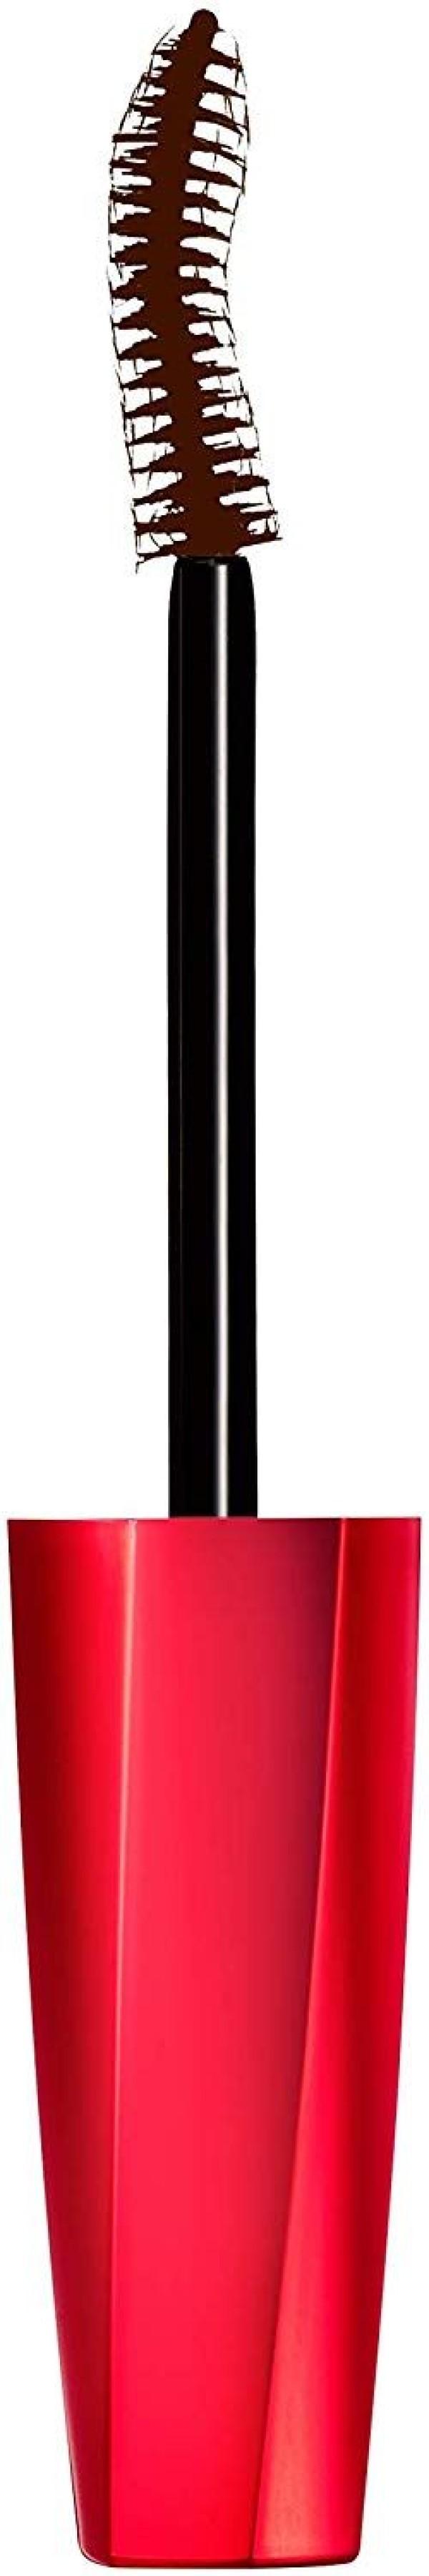 Удлиняющая тушь для ресниц Dejavu Fiberwig Ultra Long